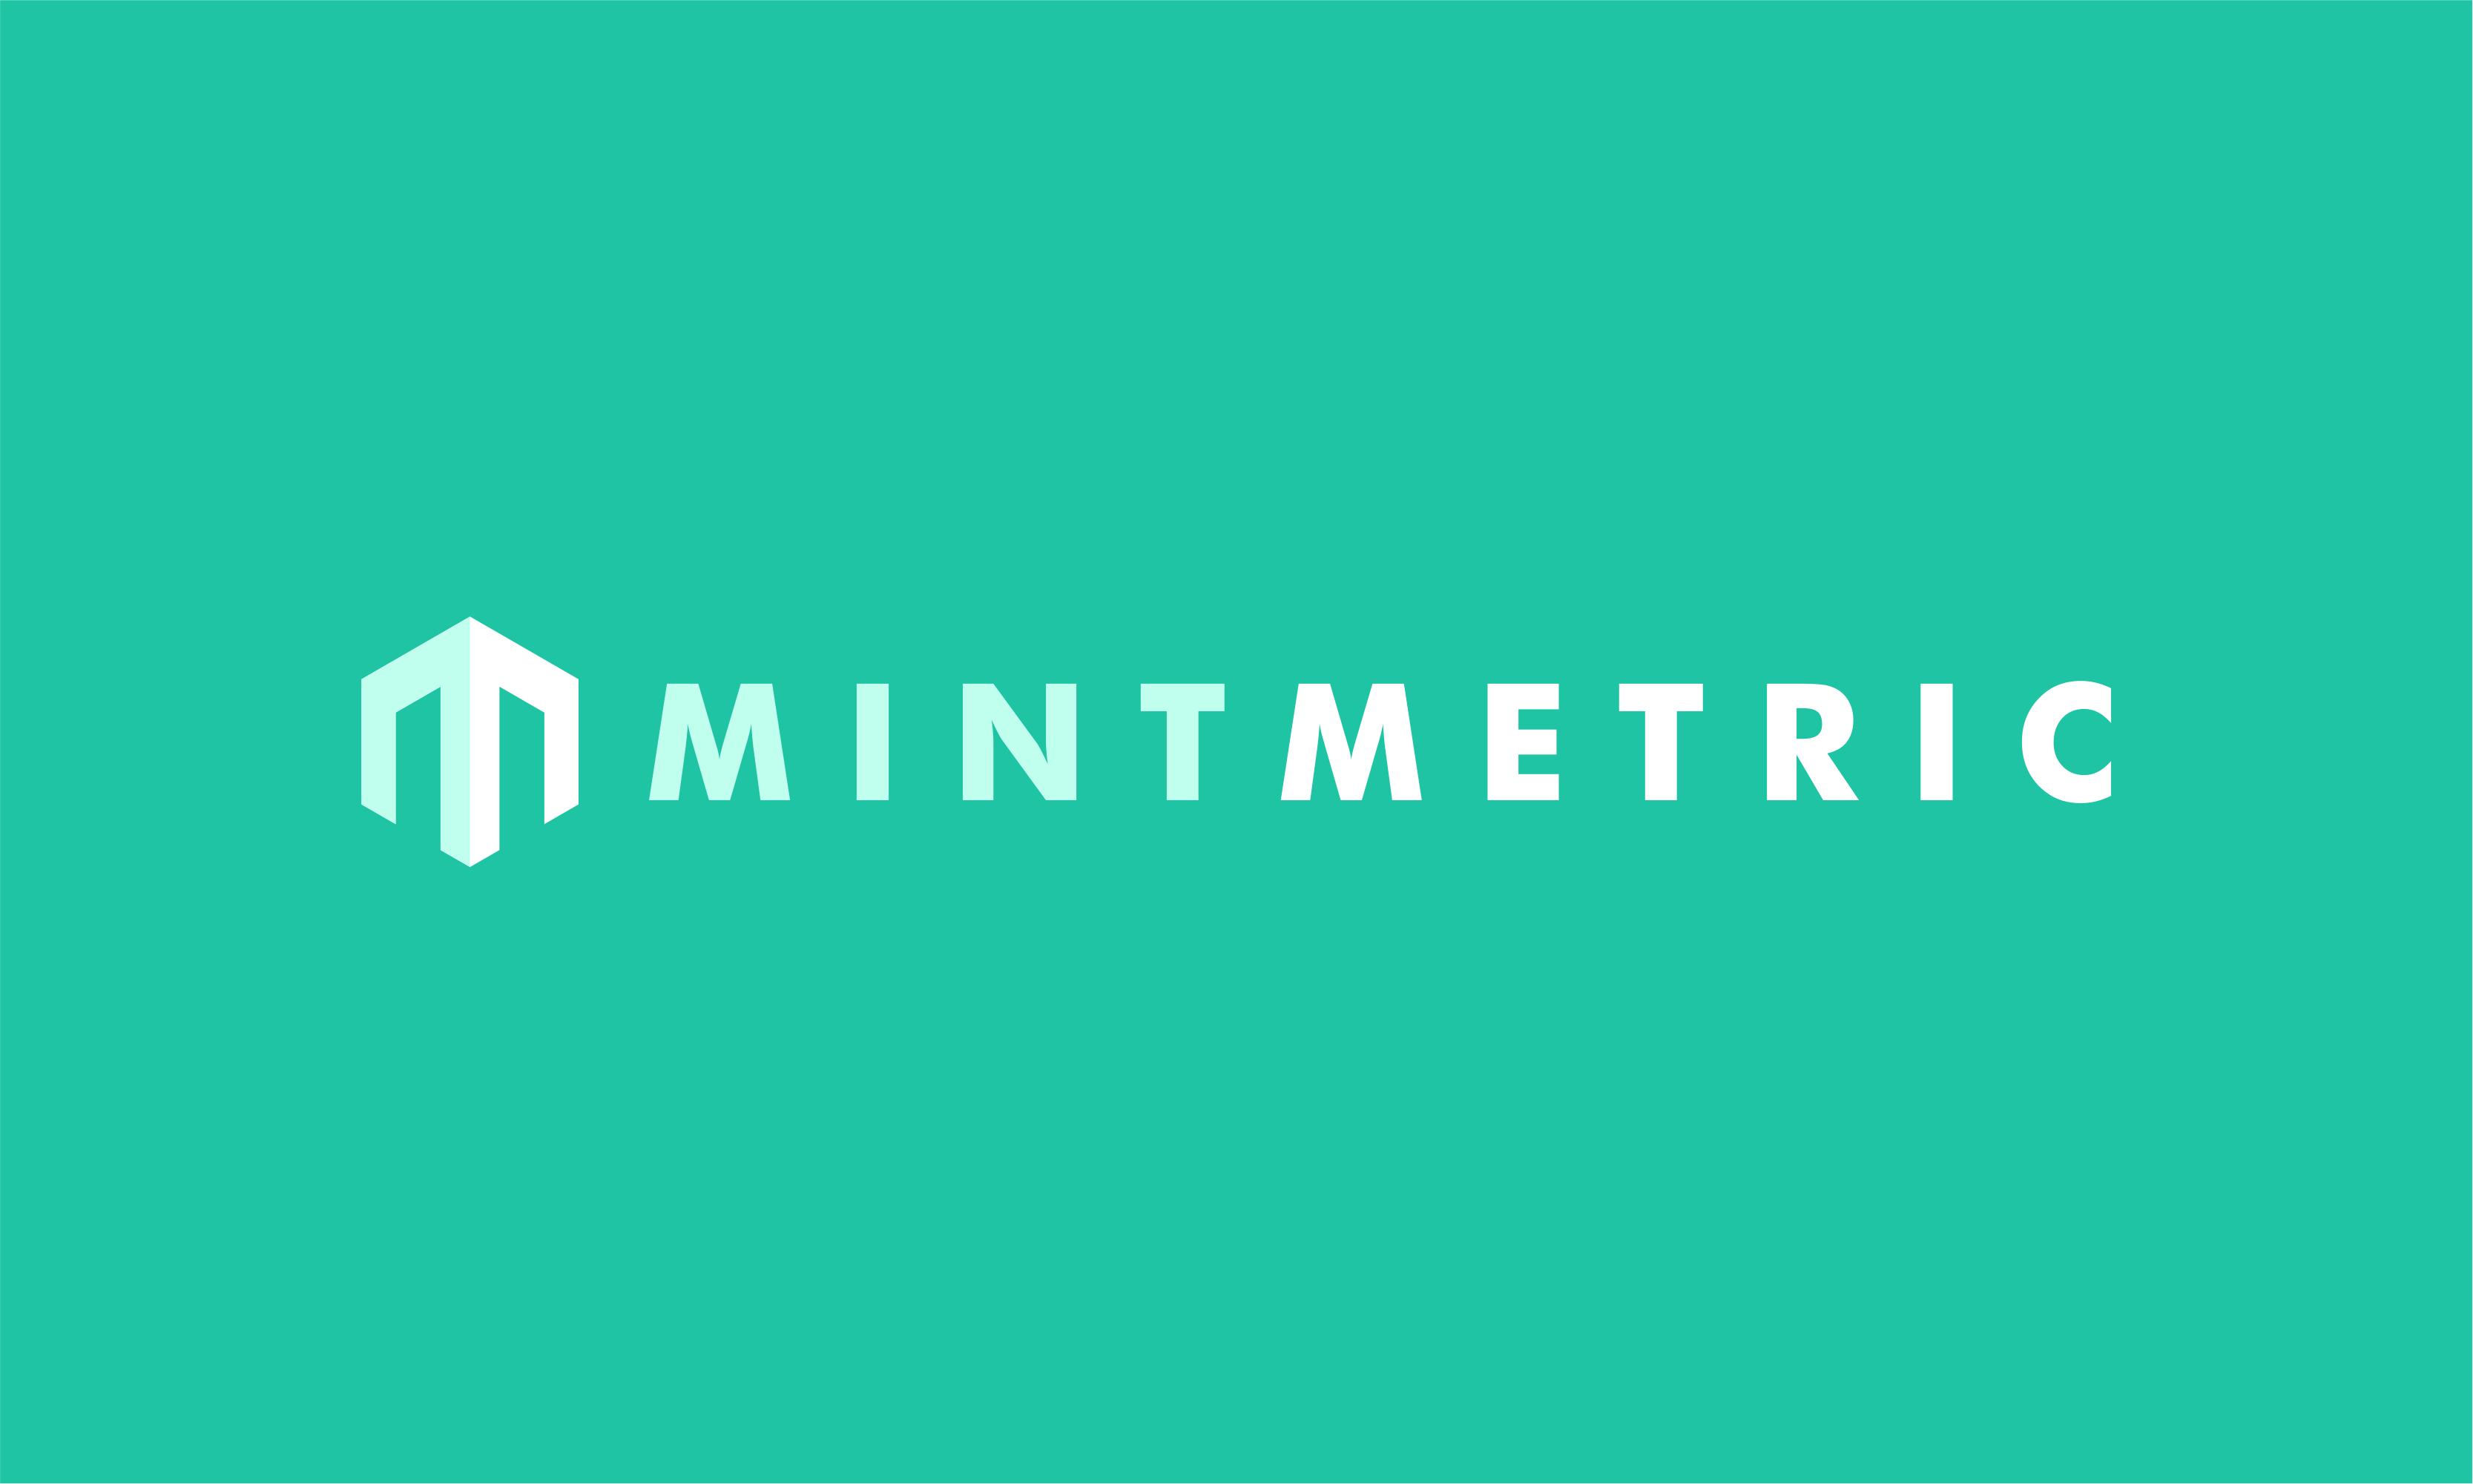 Mintmetric